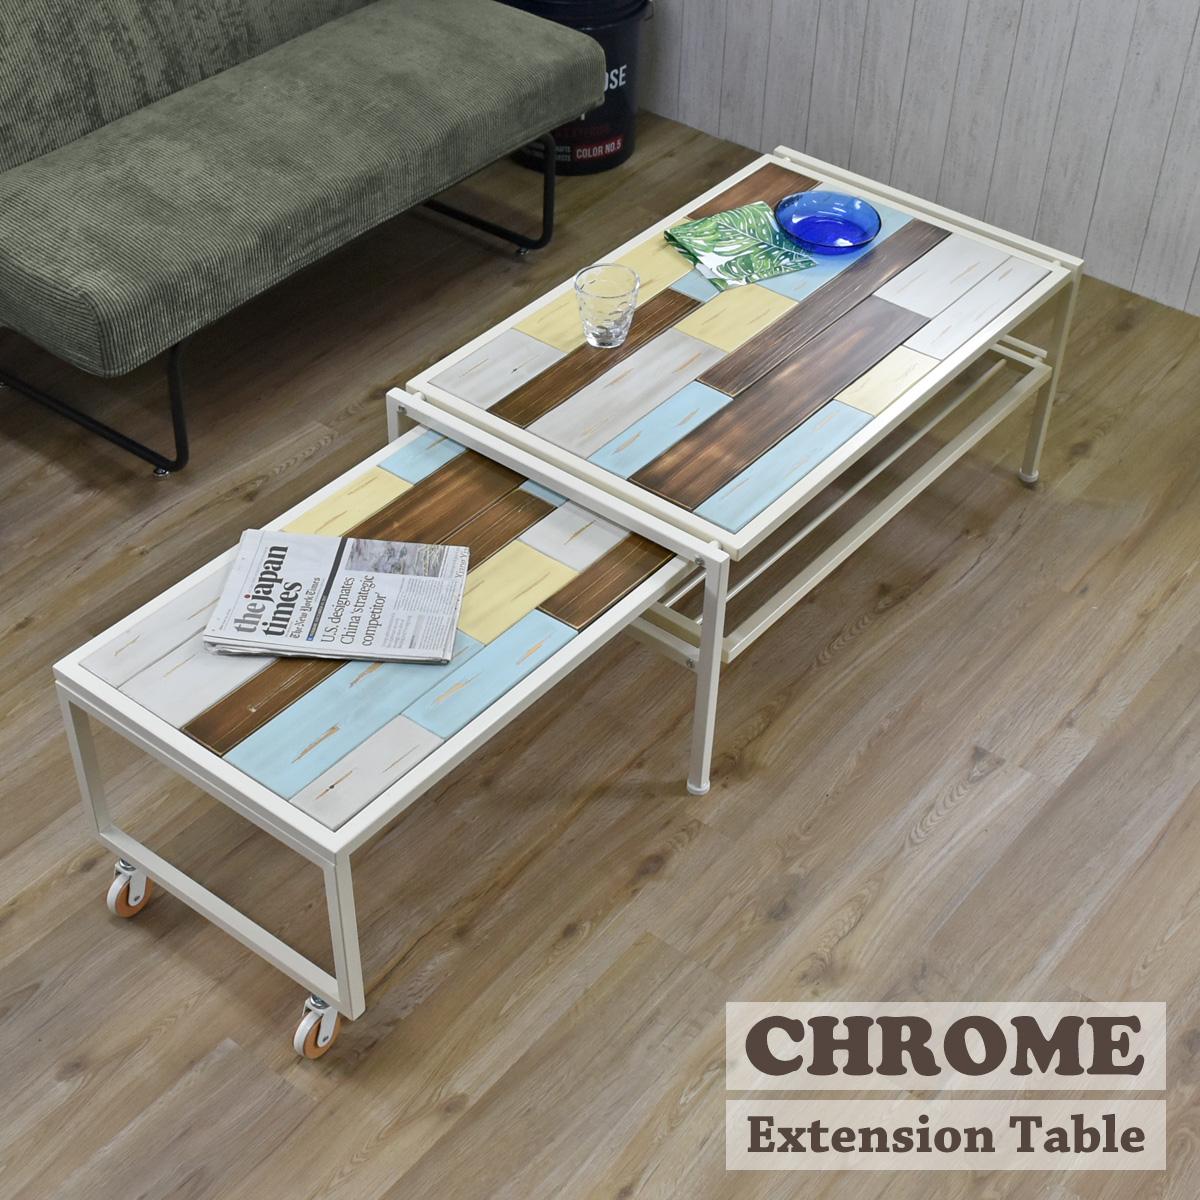 送料無料 伸縮テーブル 棚付き 天然木 テーブル ローテーブル リビングテーブル 伸縮式 北欧 木製 アイアン おしゃれ アンティーク 塗装 カフェ コーヒー モダン スタイリッシュ ハンドメイド ナチュラル かわいい